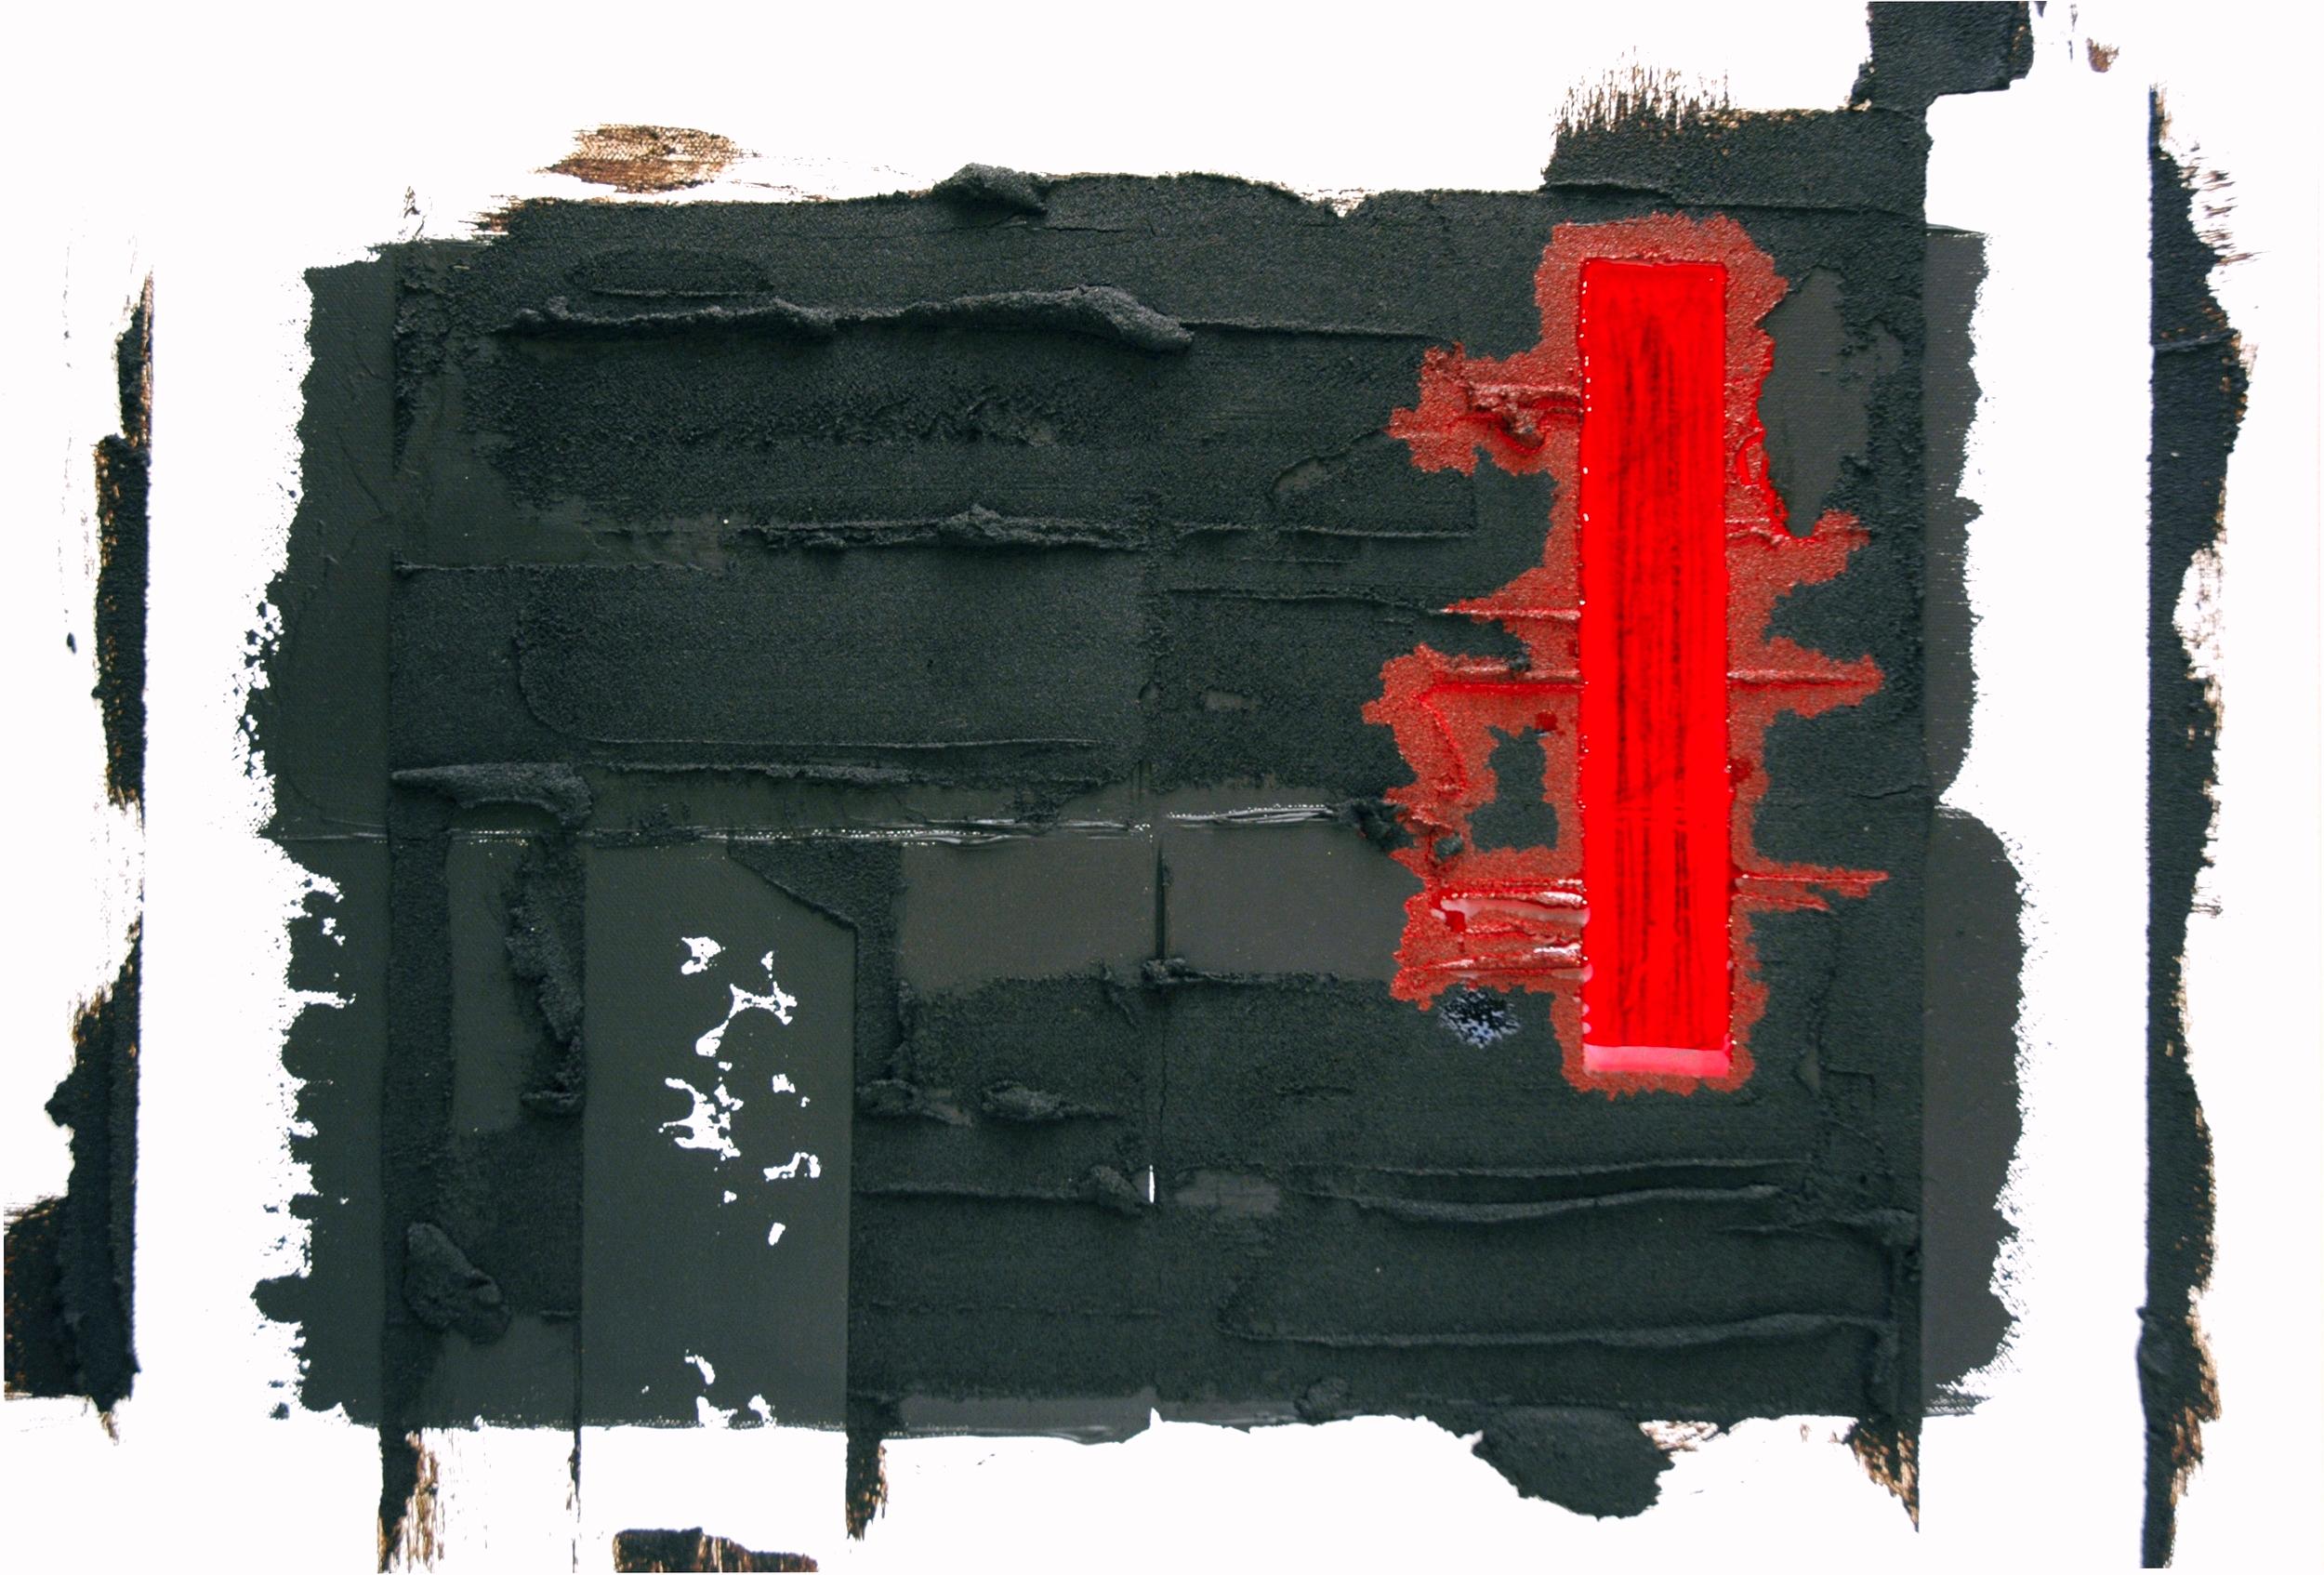 Oil, acrylic, asphalt on canvas / 18 x 24